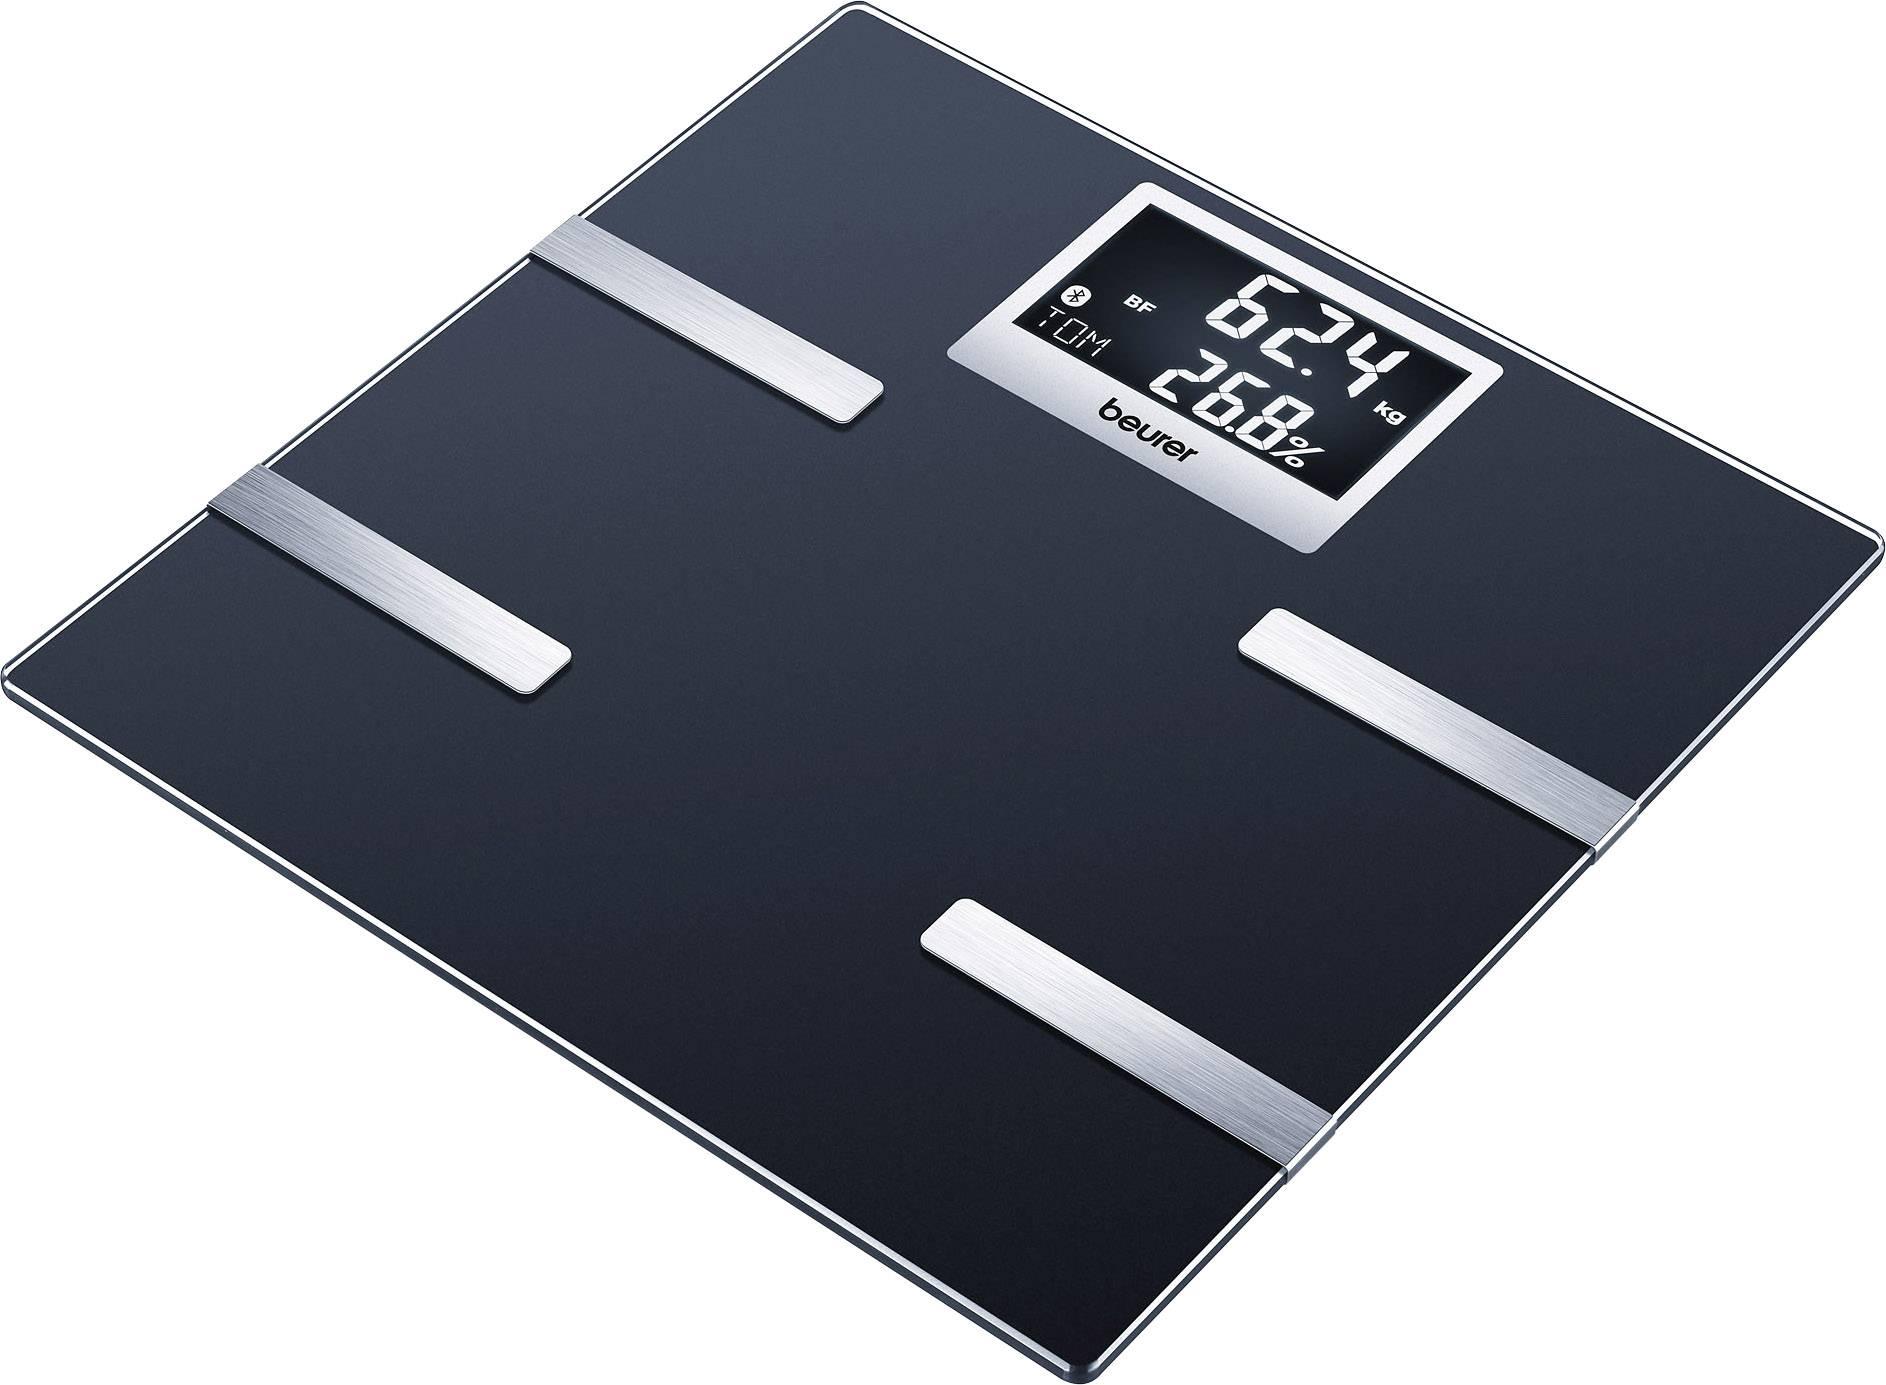 Analyzační váha Beurer BF 700, černá